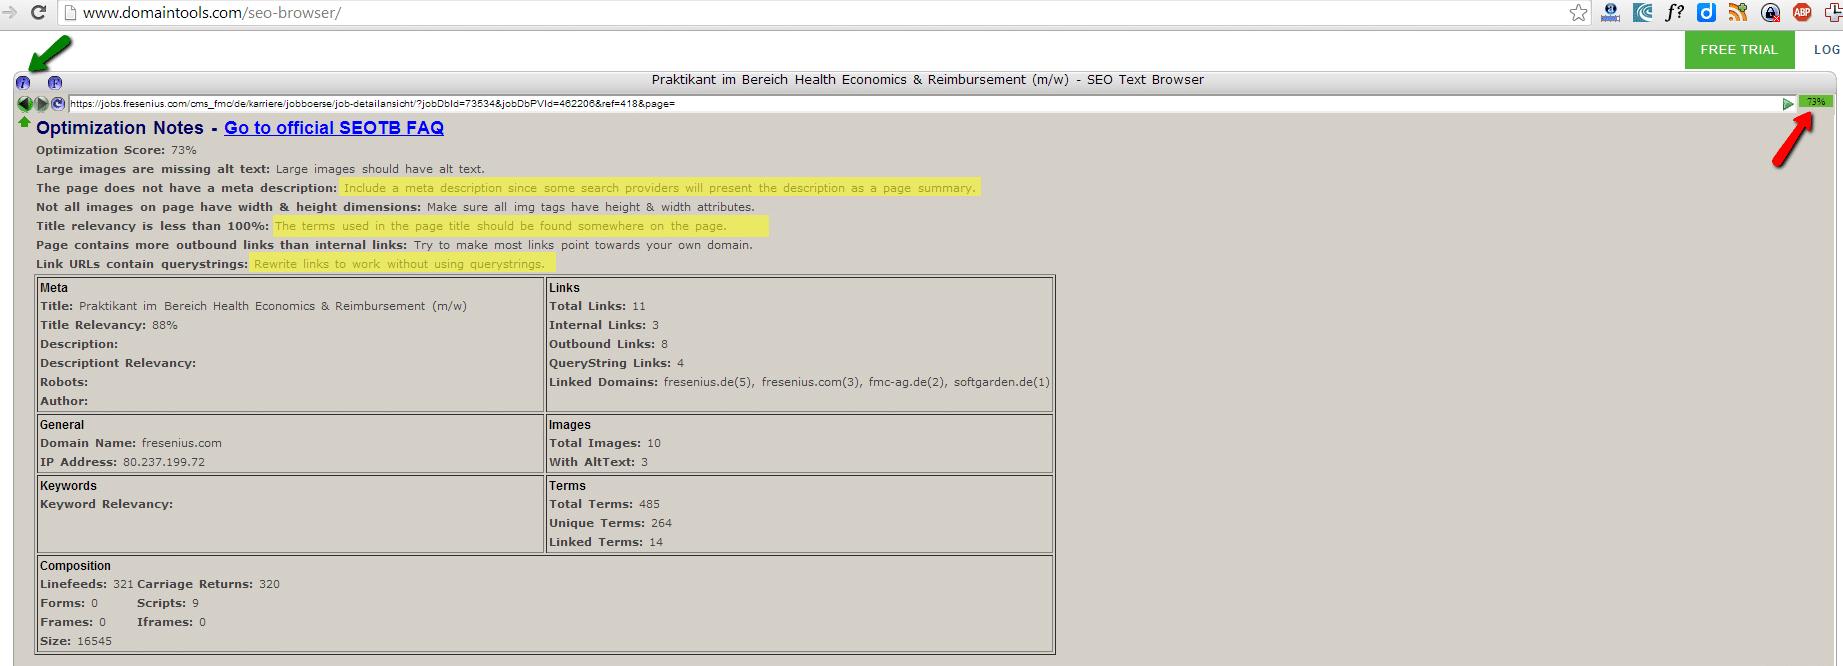 Der SEO-Browser von Domaintools kann ein hilfreiches Tool fürs HR-SEO sein.